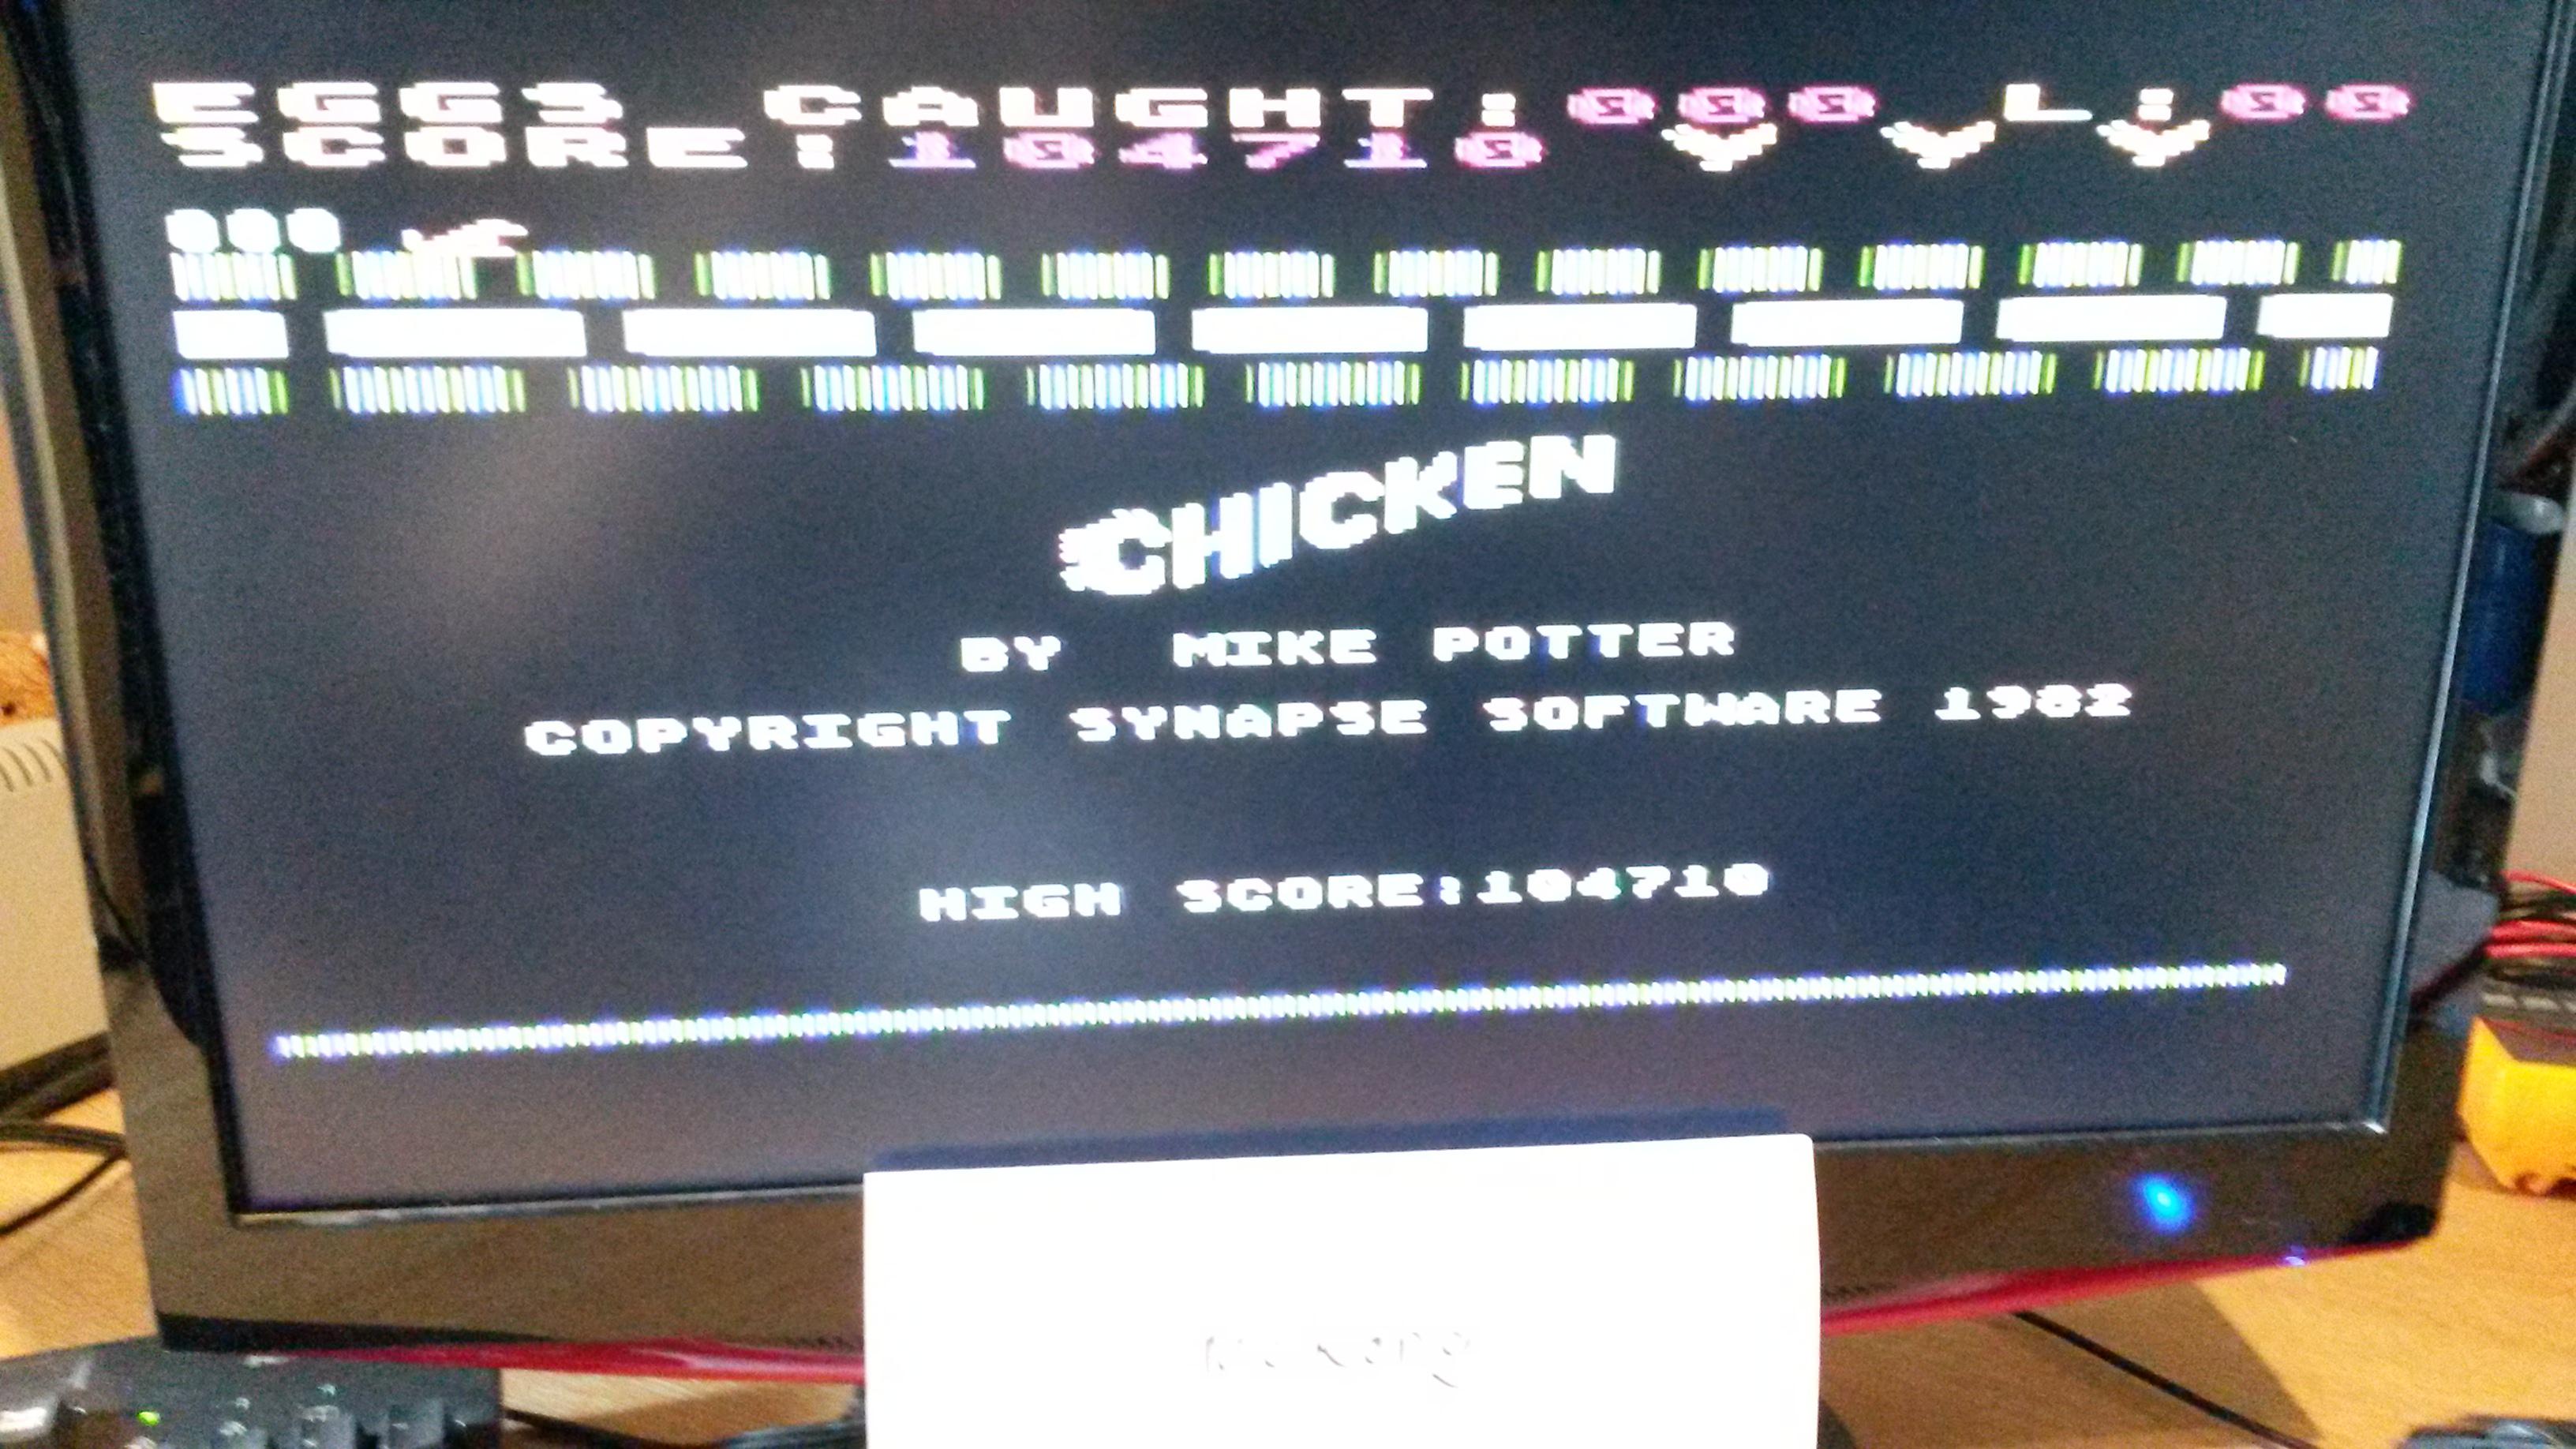 Chicken 104,710 points